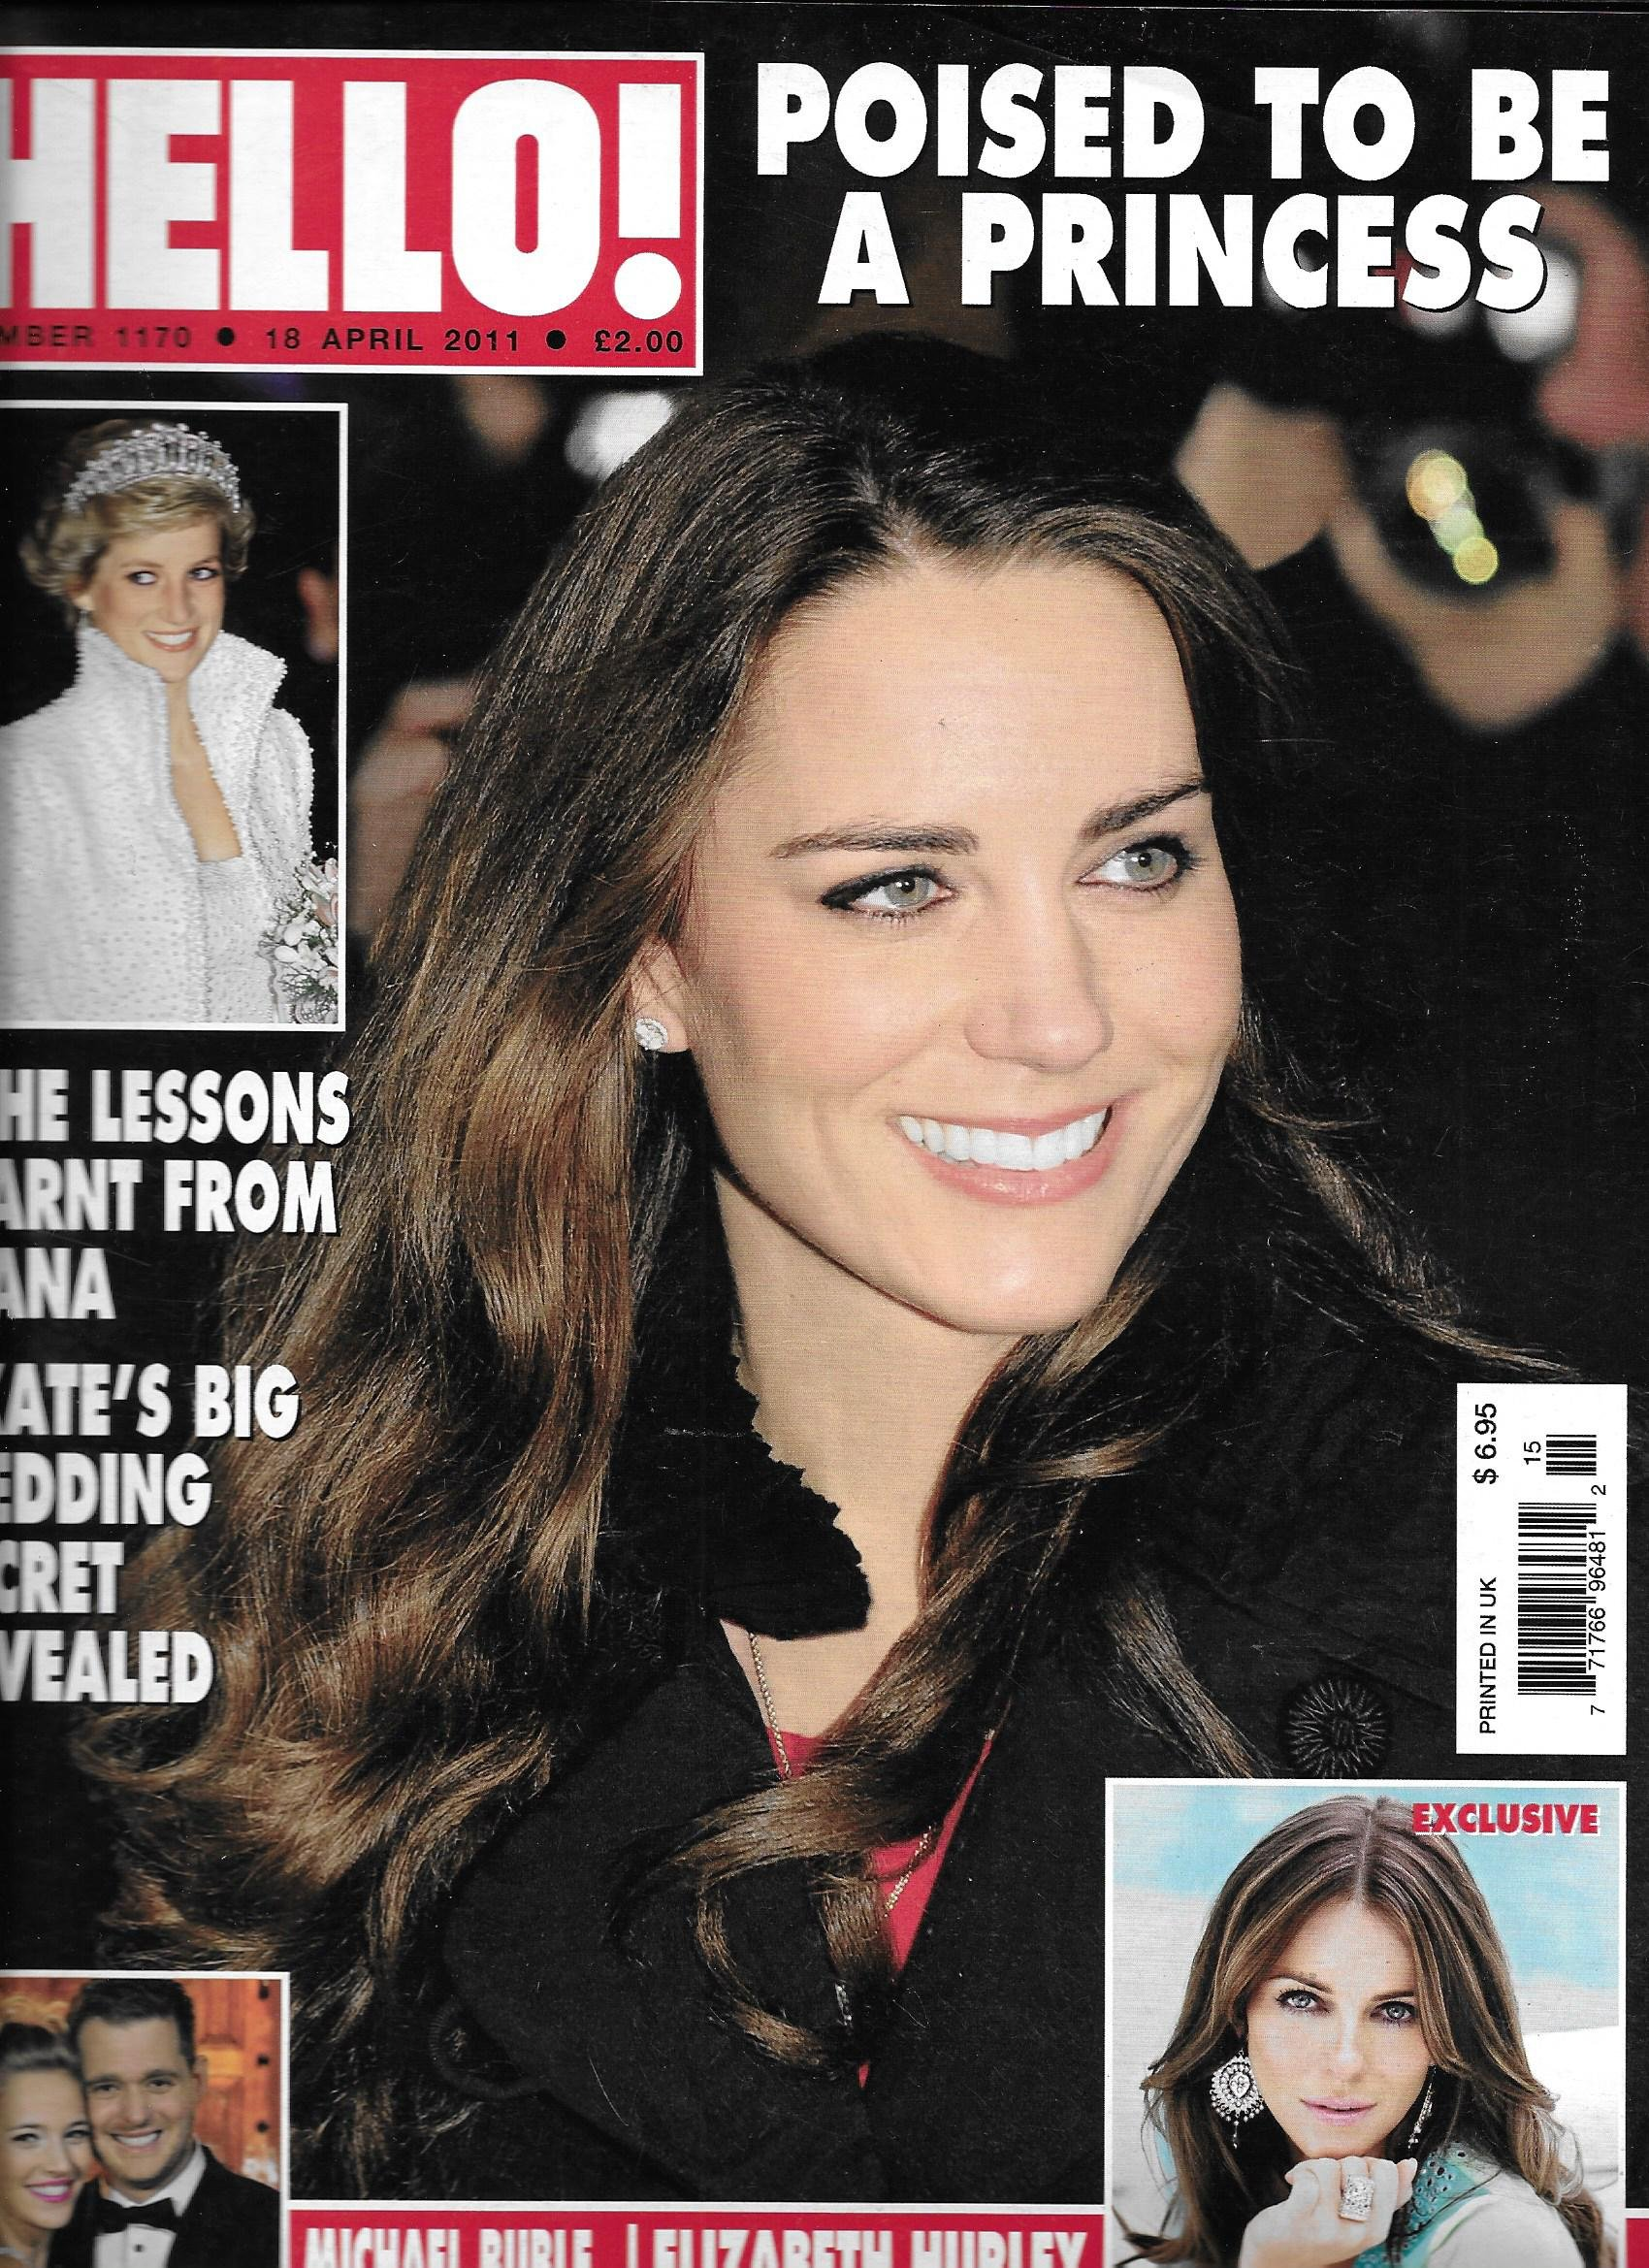 Hello magazine April 18 2011 Kate Middleton PDF ePub ebook